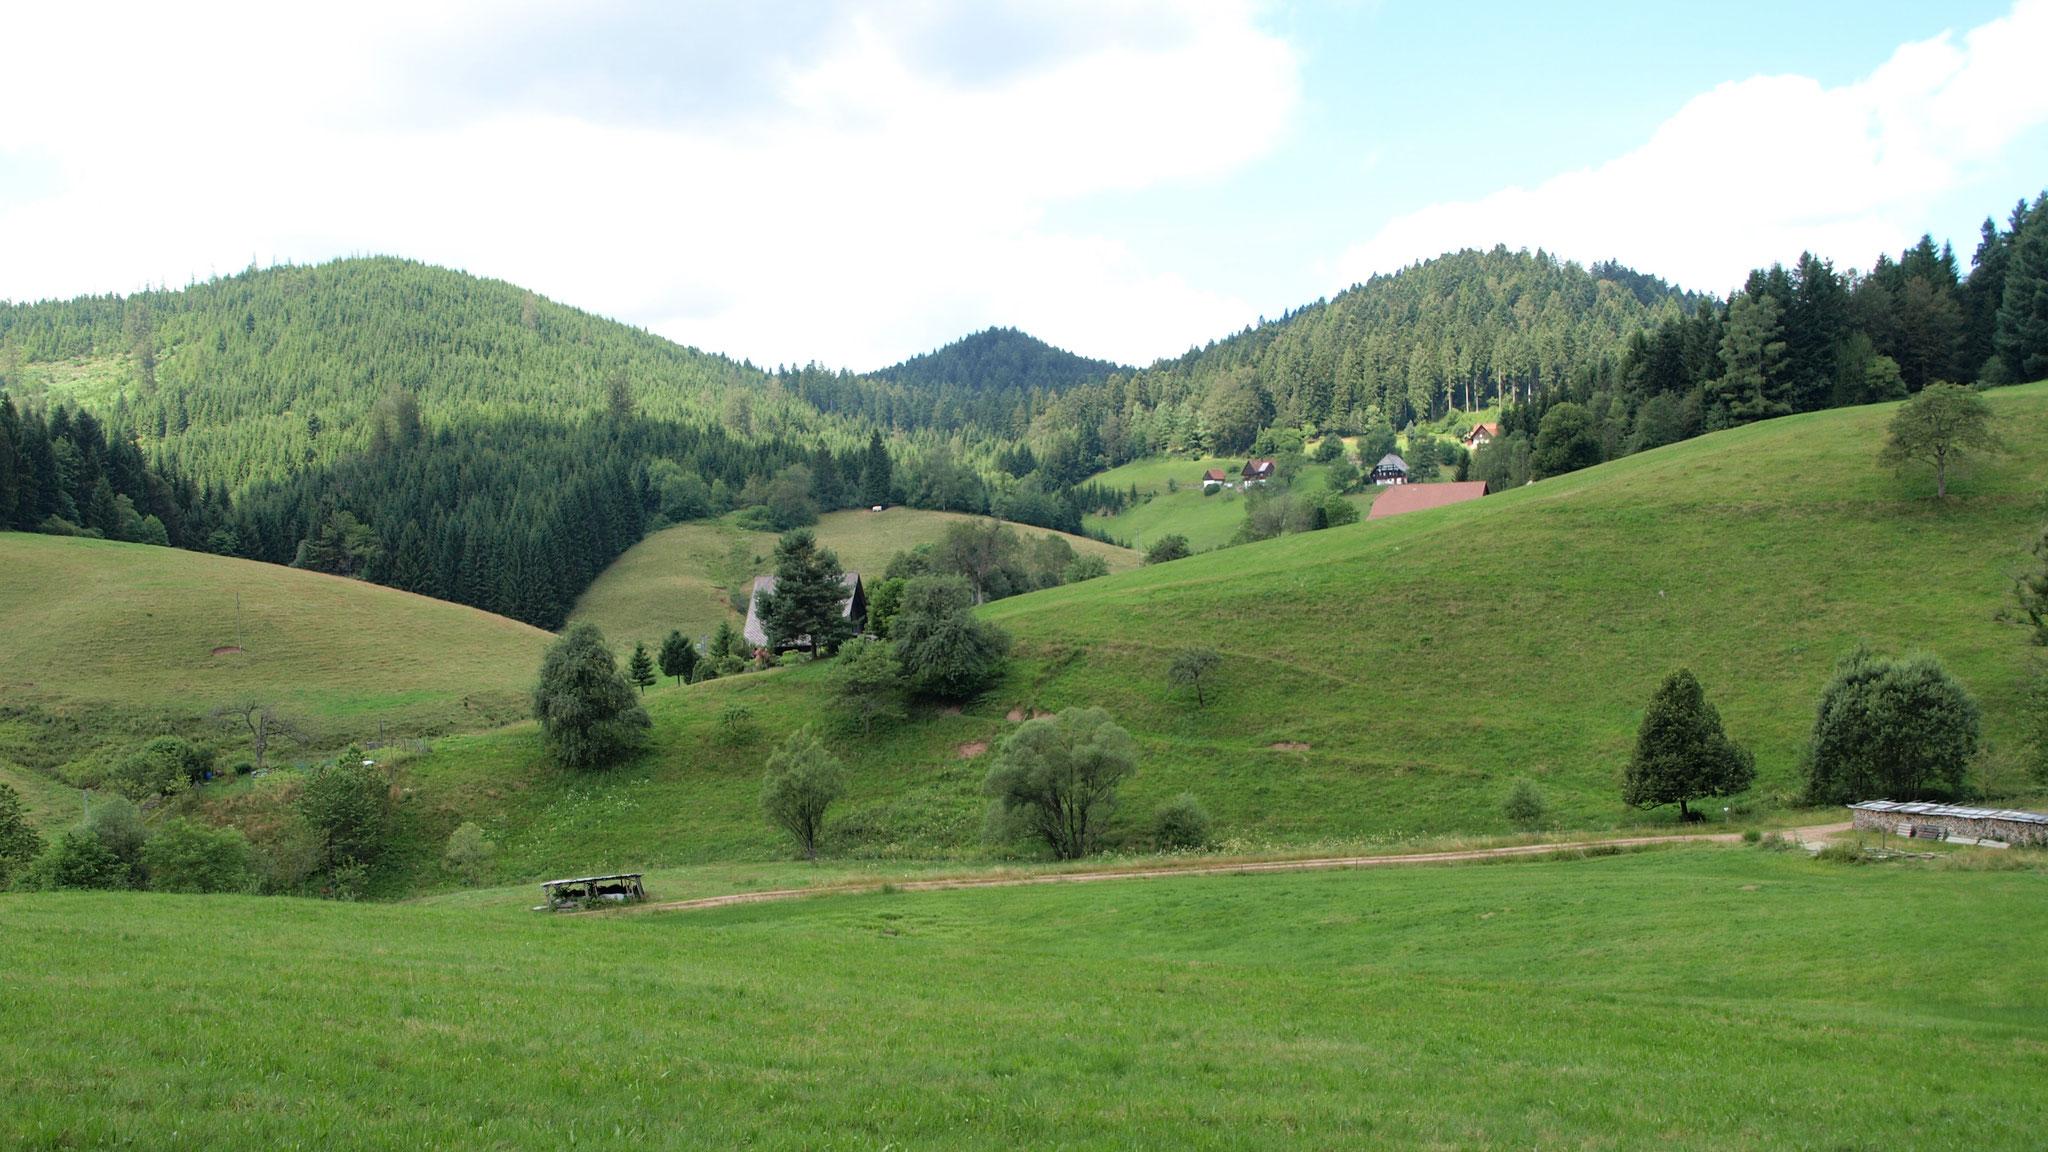 Hinterheubach